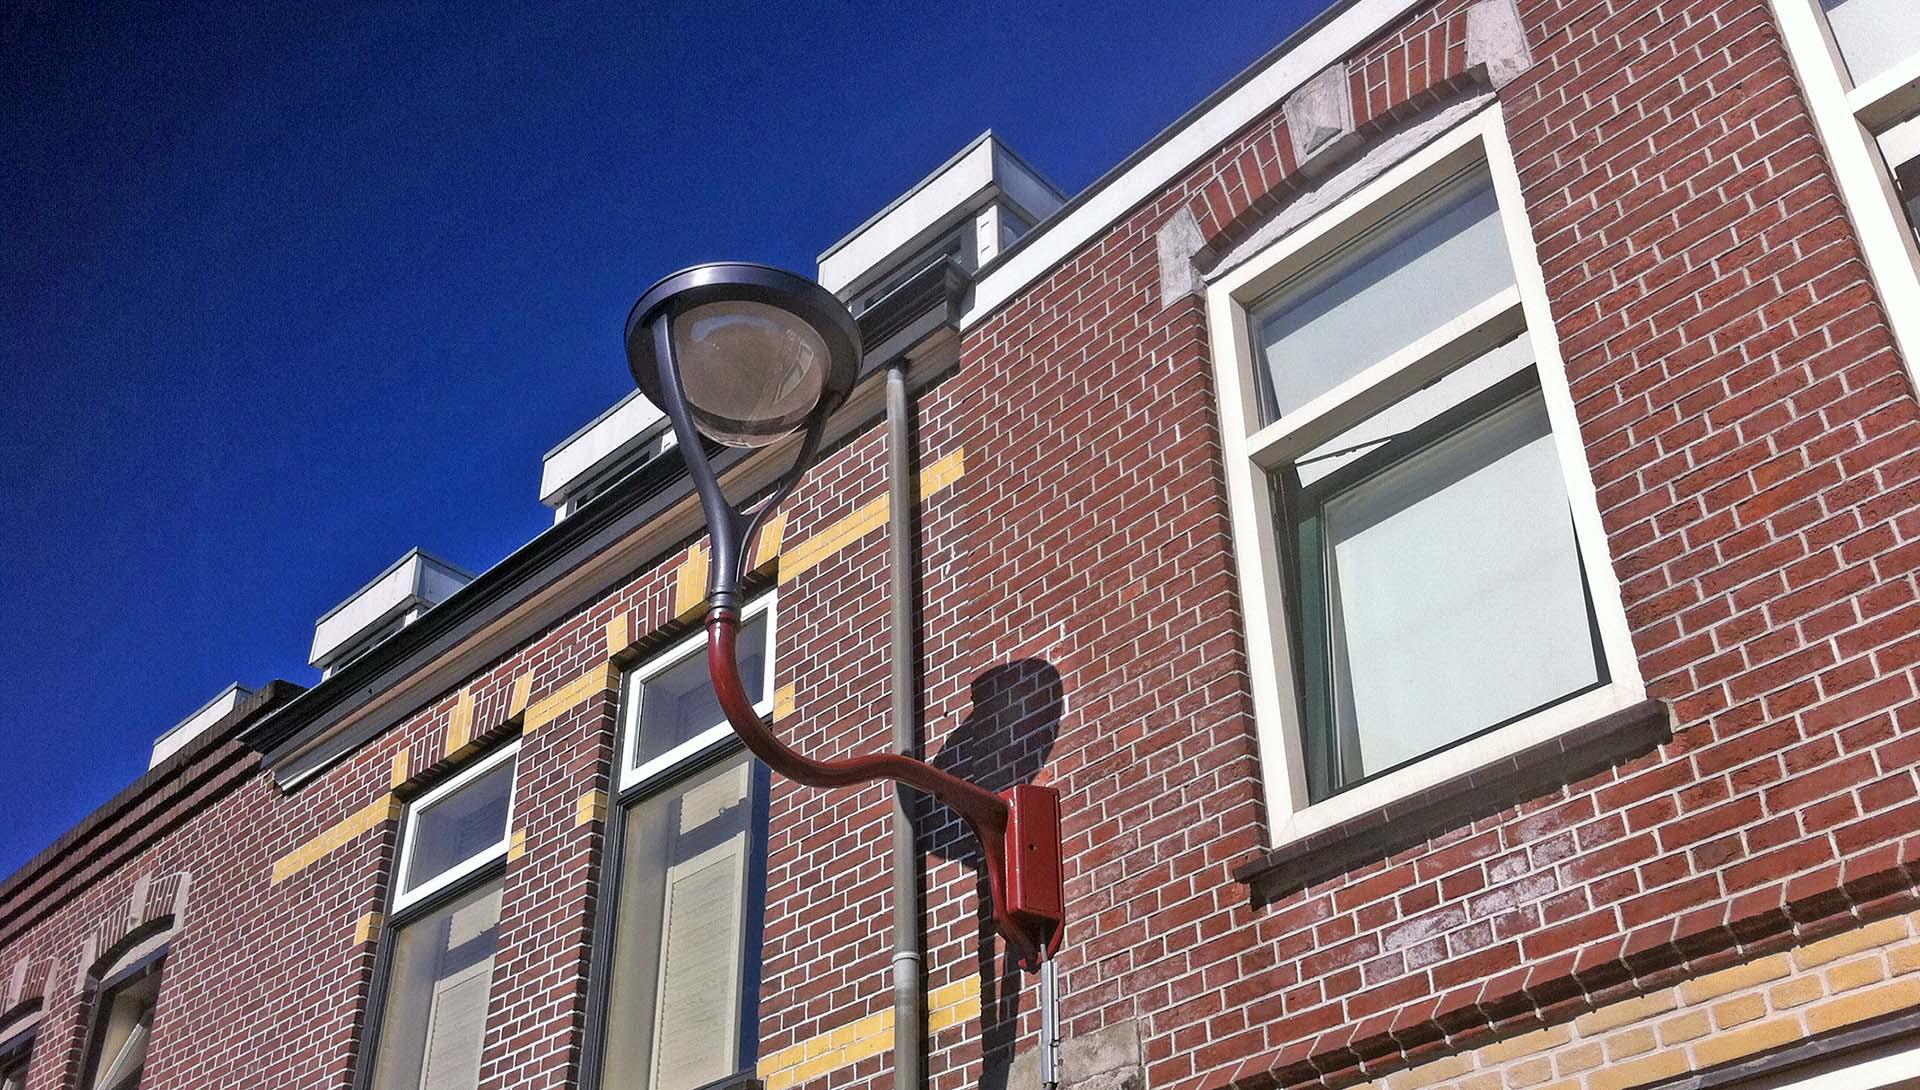 Ymago wandarmatuur, lichtontwerp, straatverlichting spoorbuurt Alkmaar